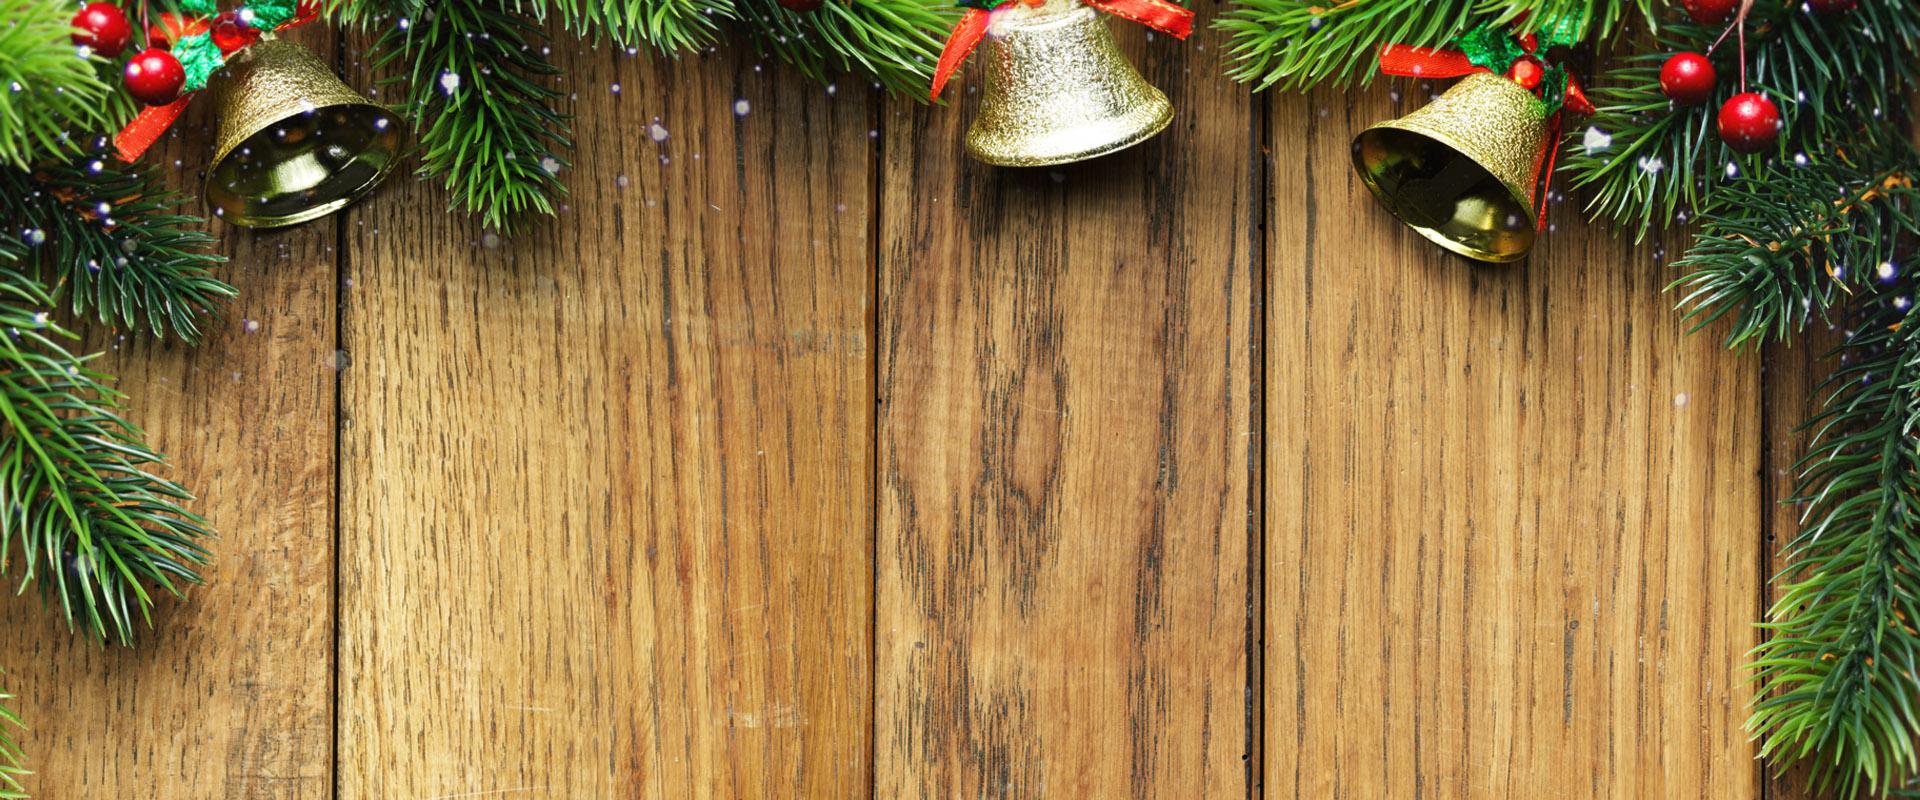 Weihnachts Holz hintergrund, Weihnachten, Kiefer, Glocken ...